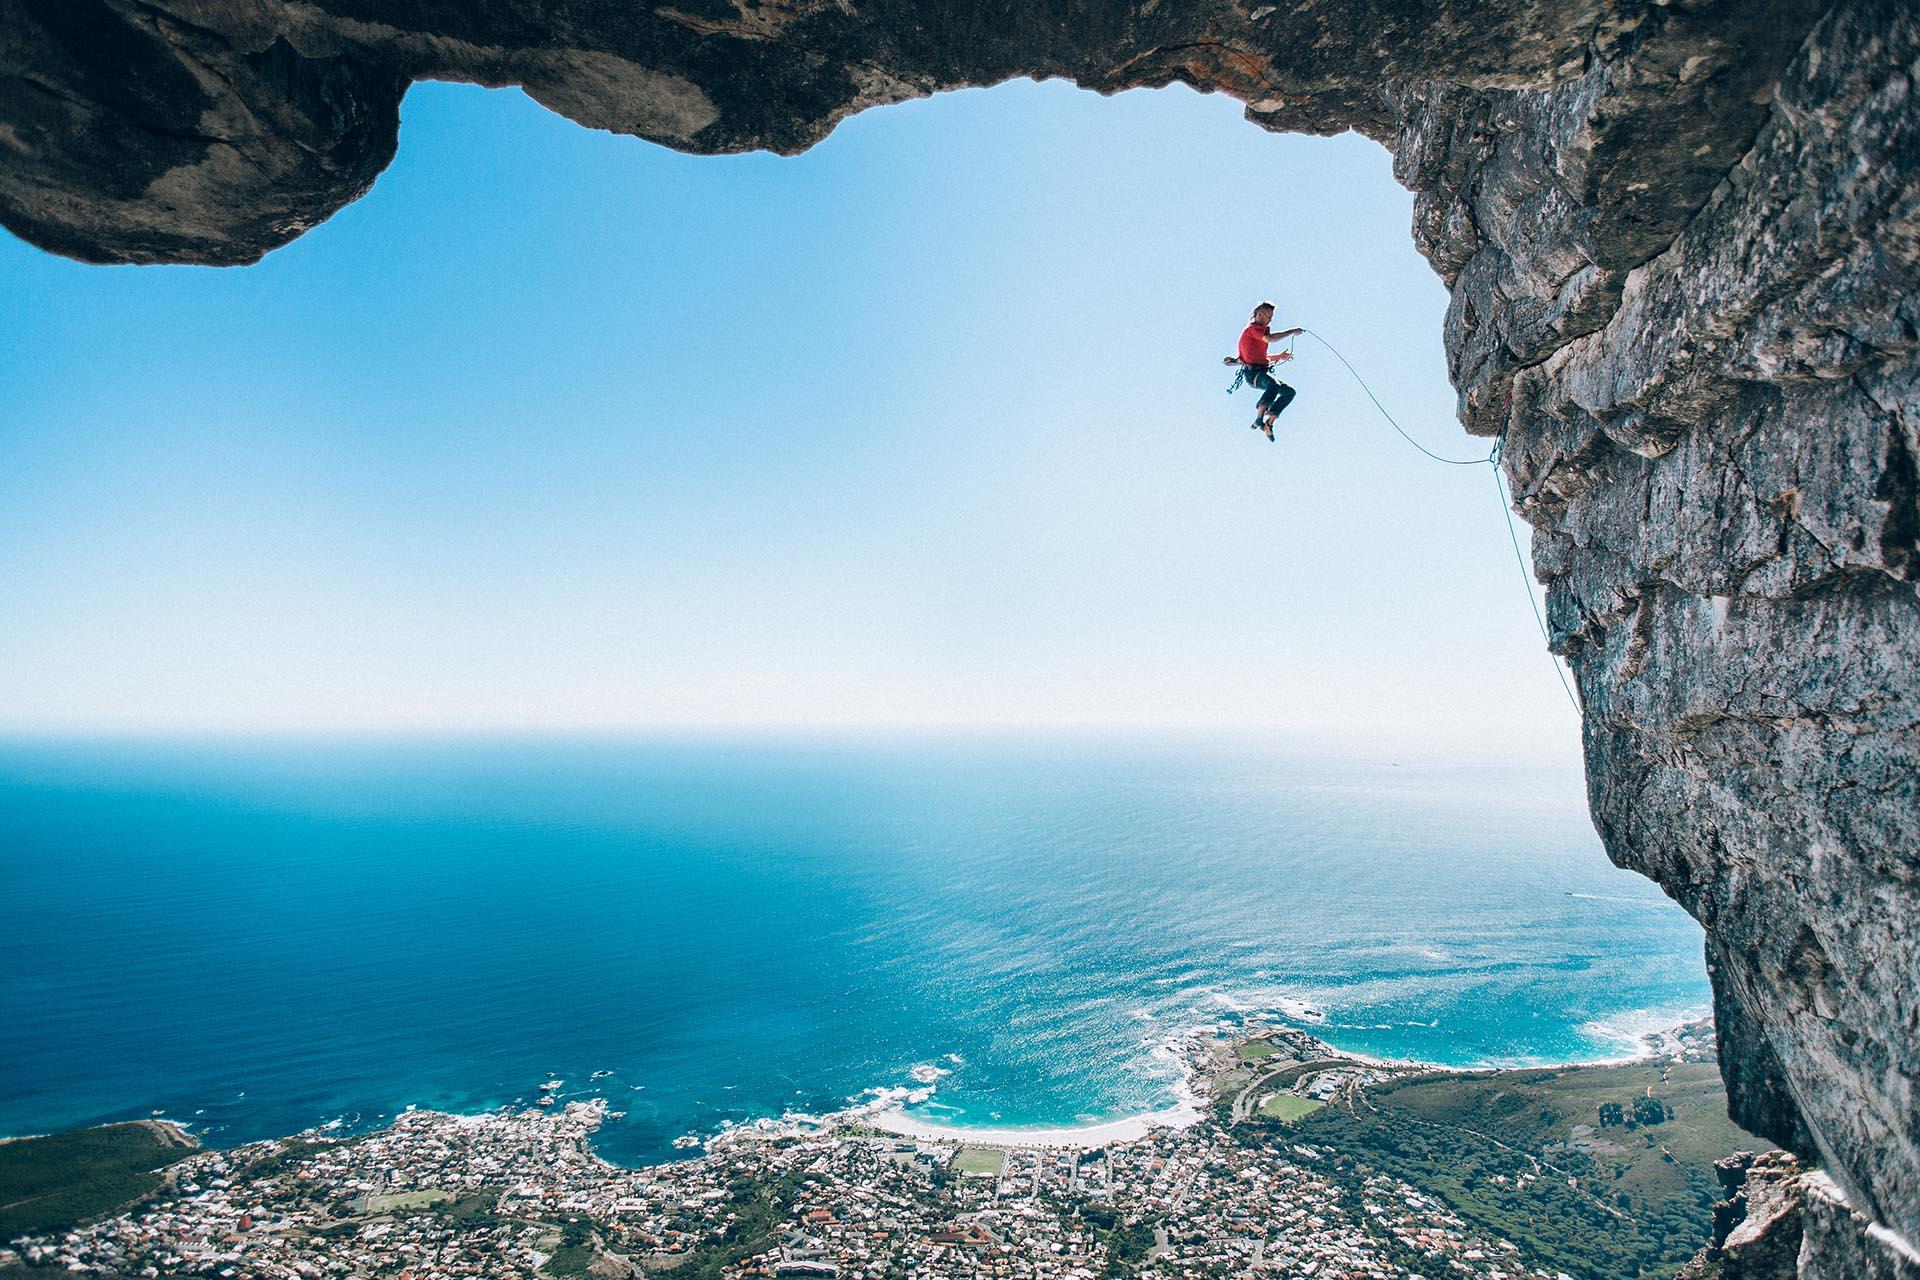 Atleta: Jamie Smith en Cape Town, Sudáfrica. Ganador de la categoría Fotografía en el aire. Fotógrafo: Micky Wiswedel